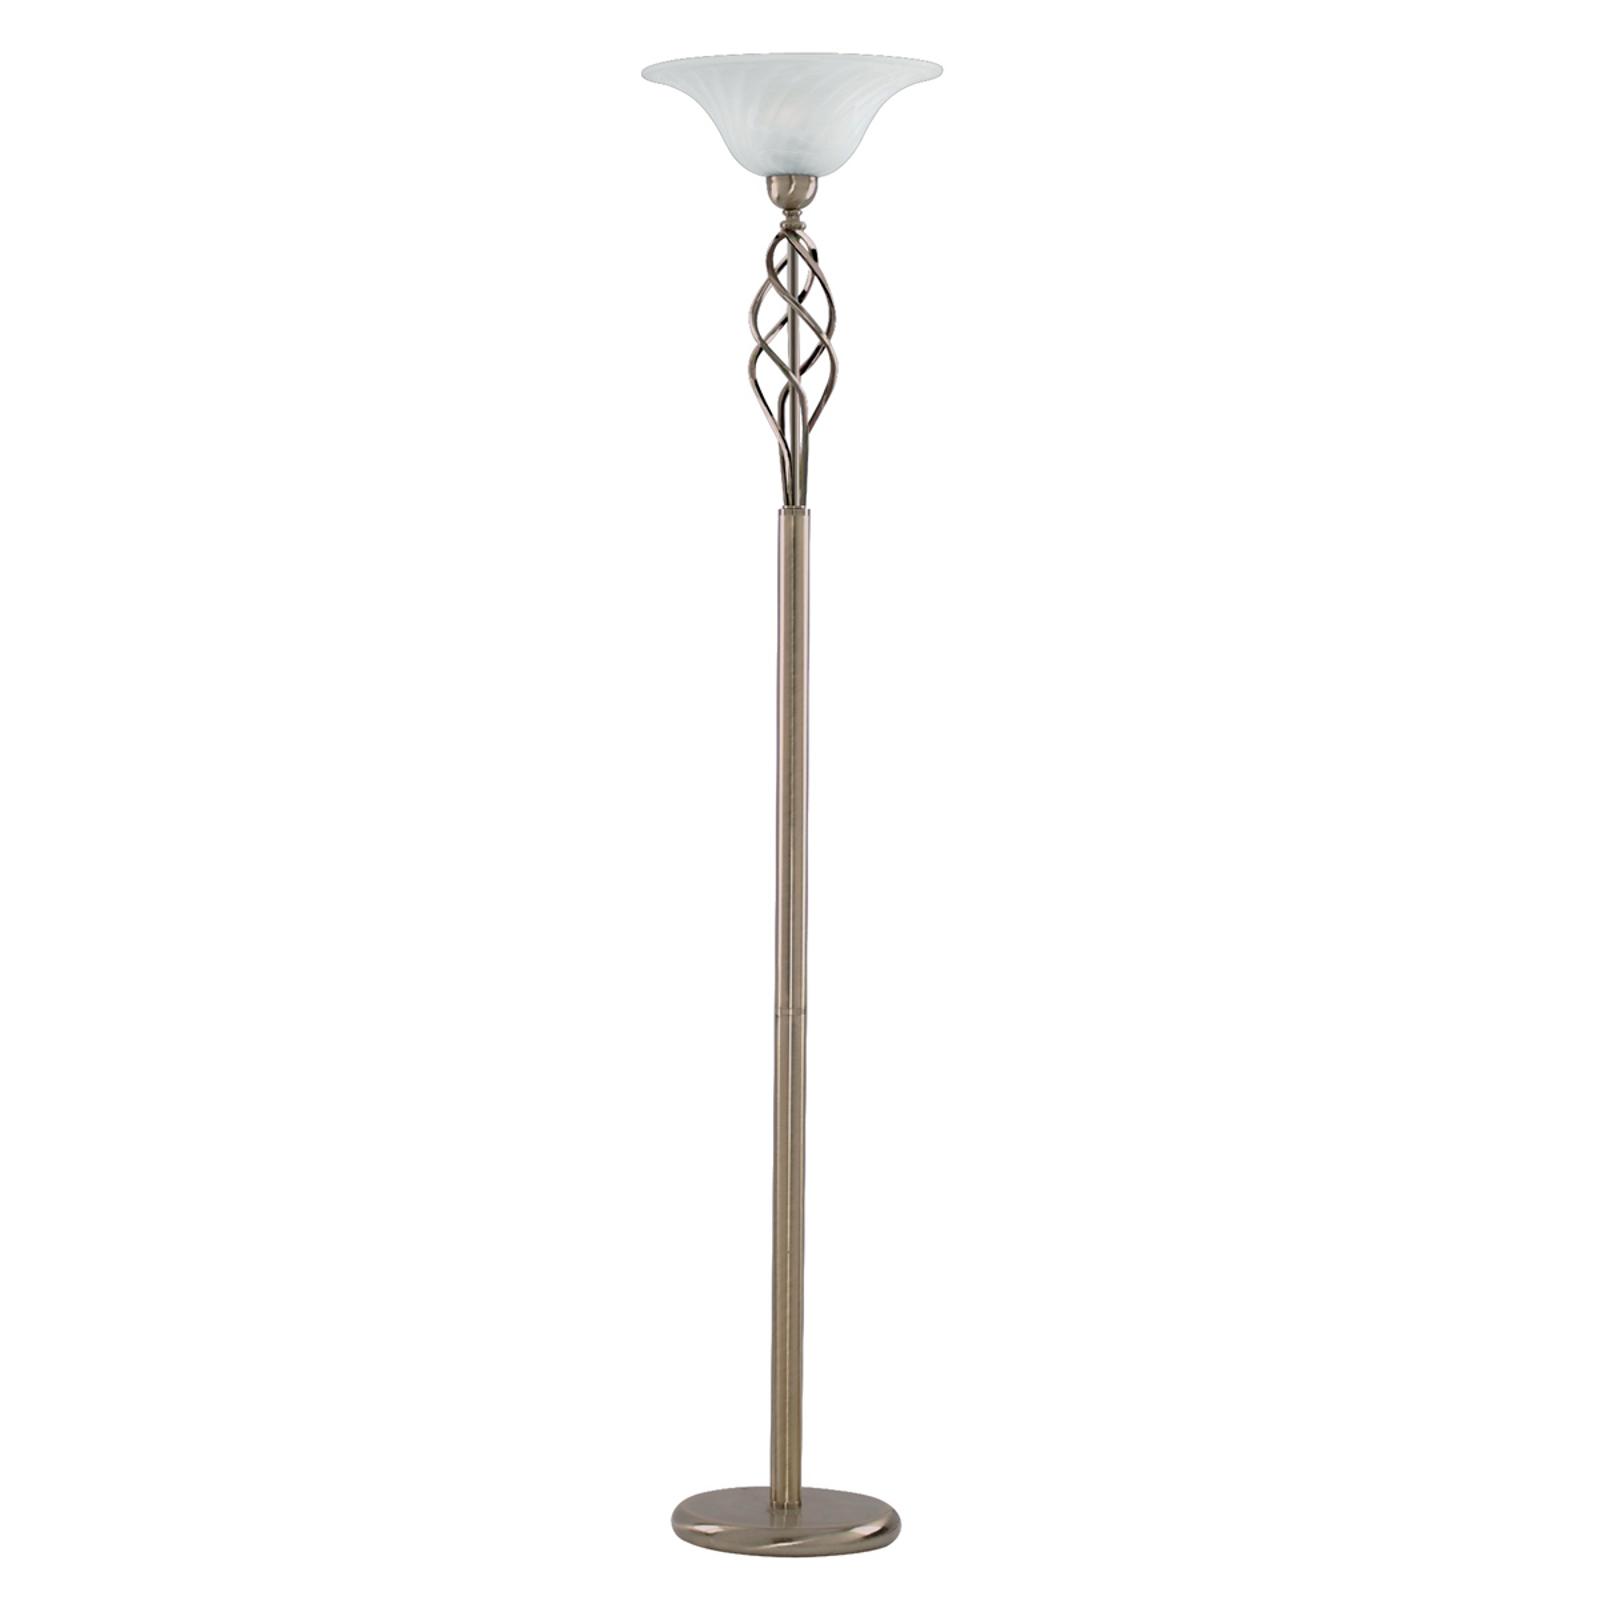 Lampa oświetlająca sufit FIONNA stary mosiądz